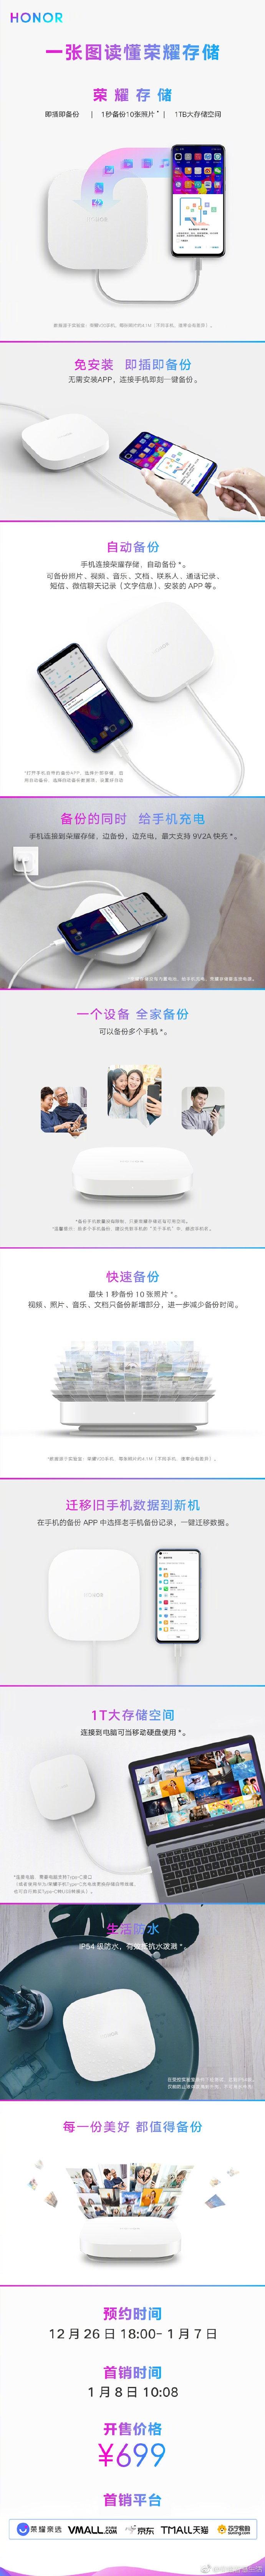 699元 荣耀存储发布:可备份微信聊天记录的照片 - 2